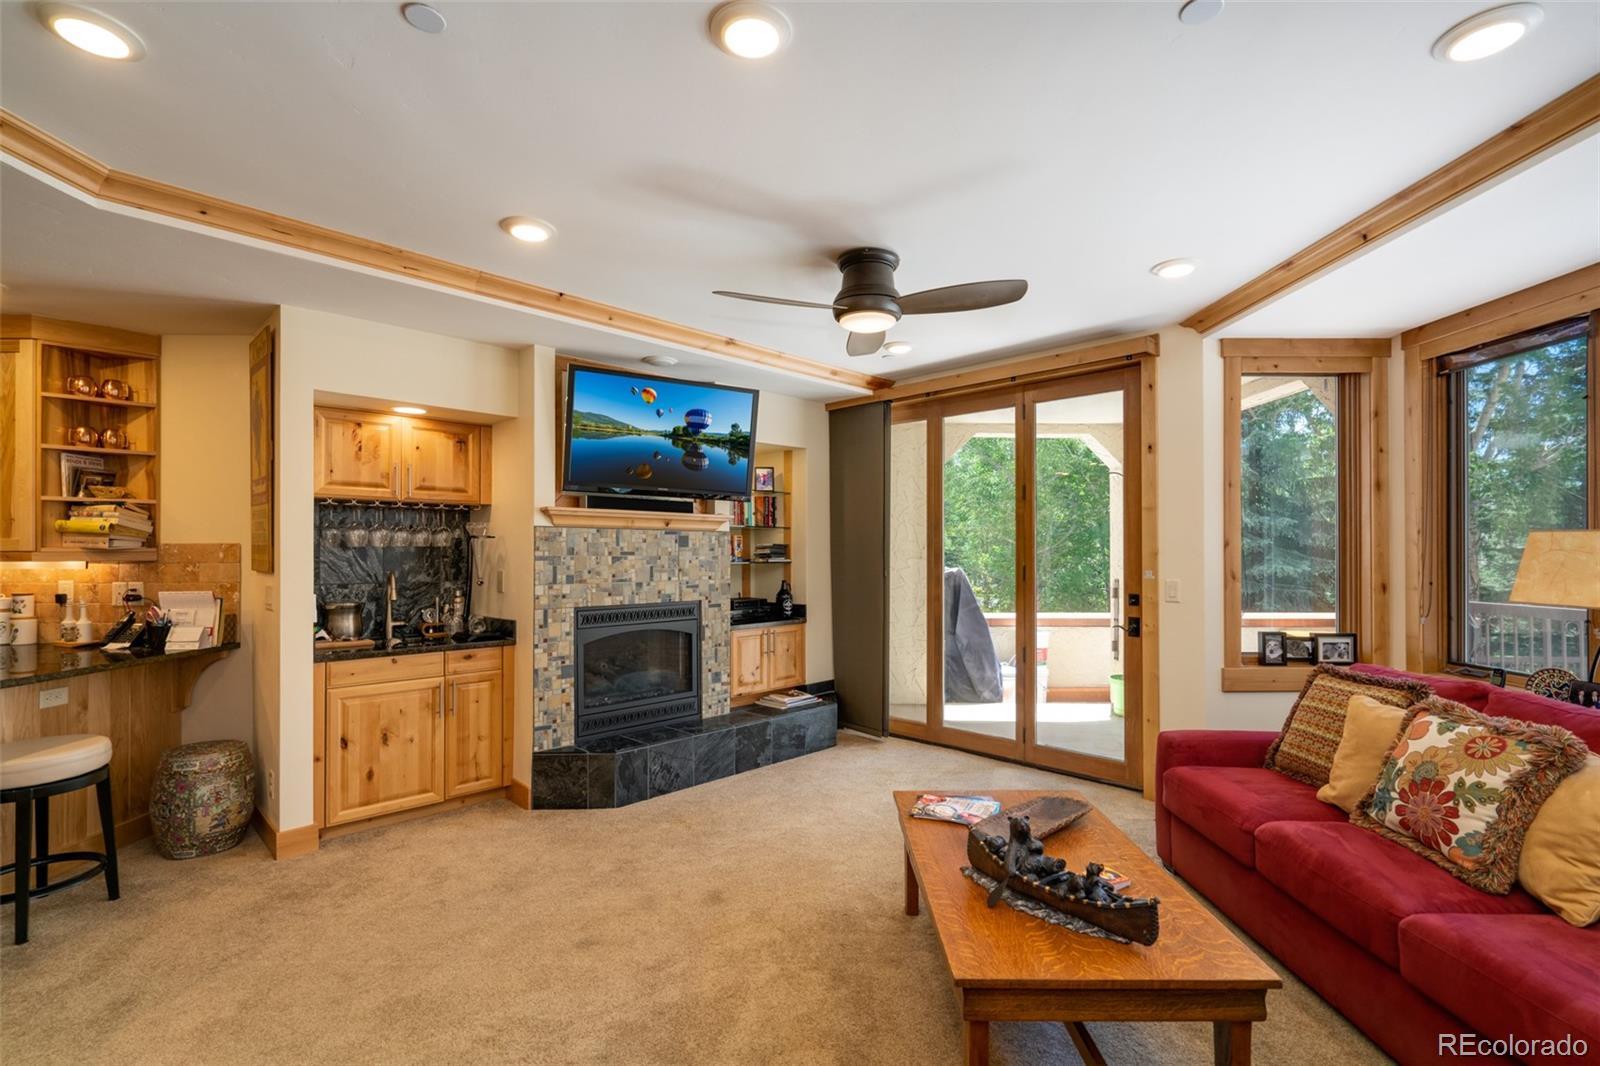 MLS# 1828561 - 1 - 2800 Eagleridge Drive #B-2, Steamboat Springs, CO 80487